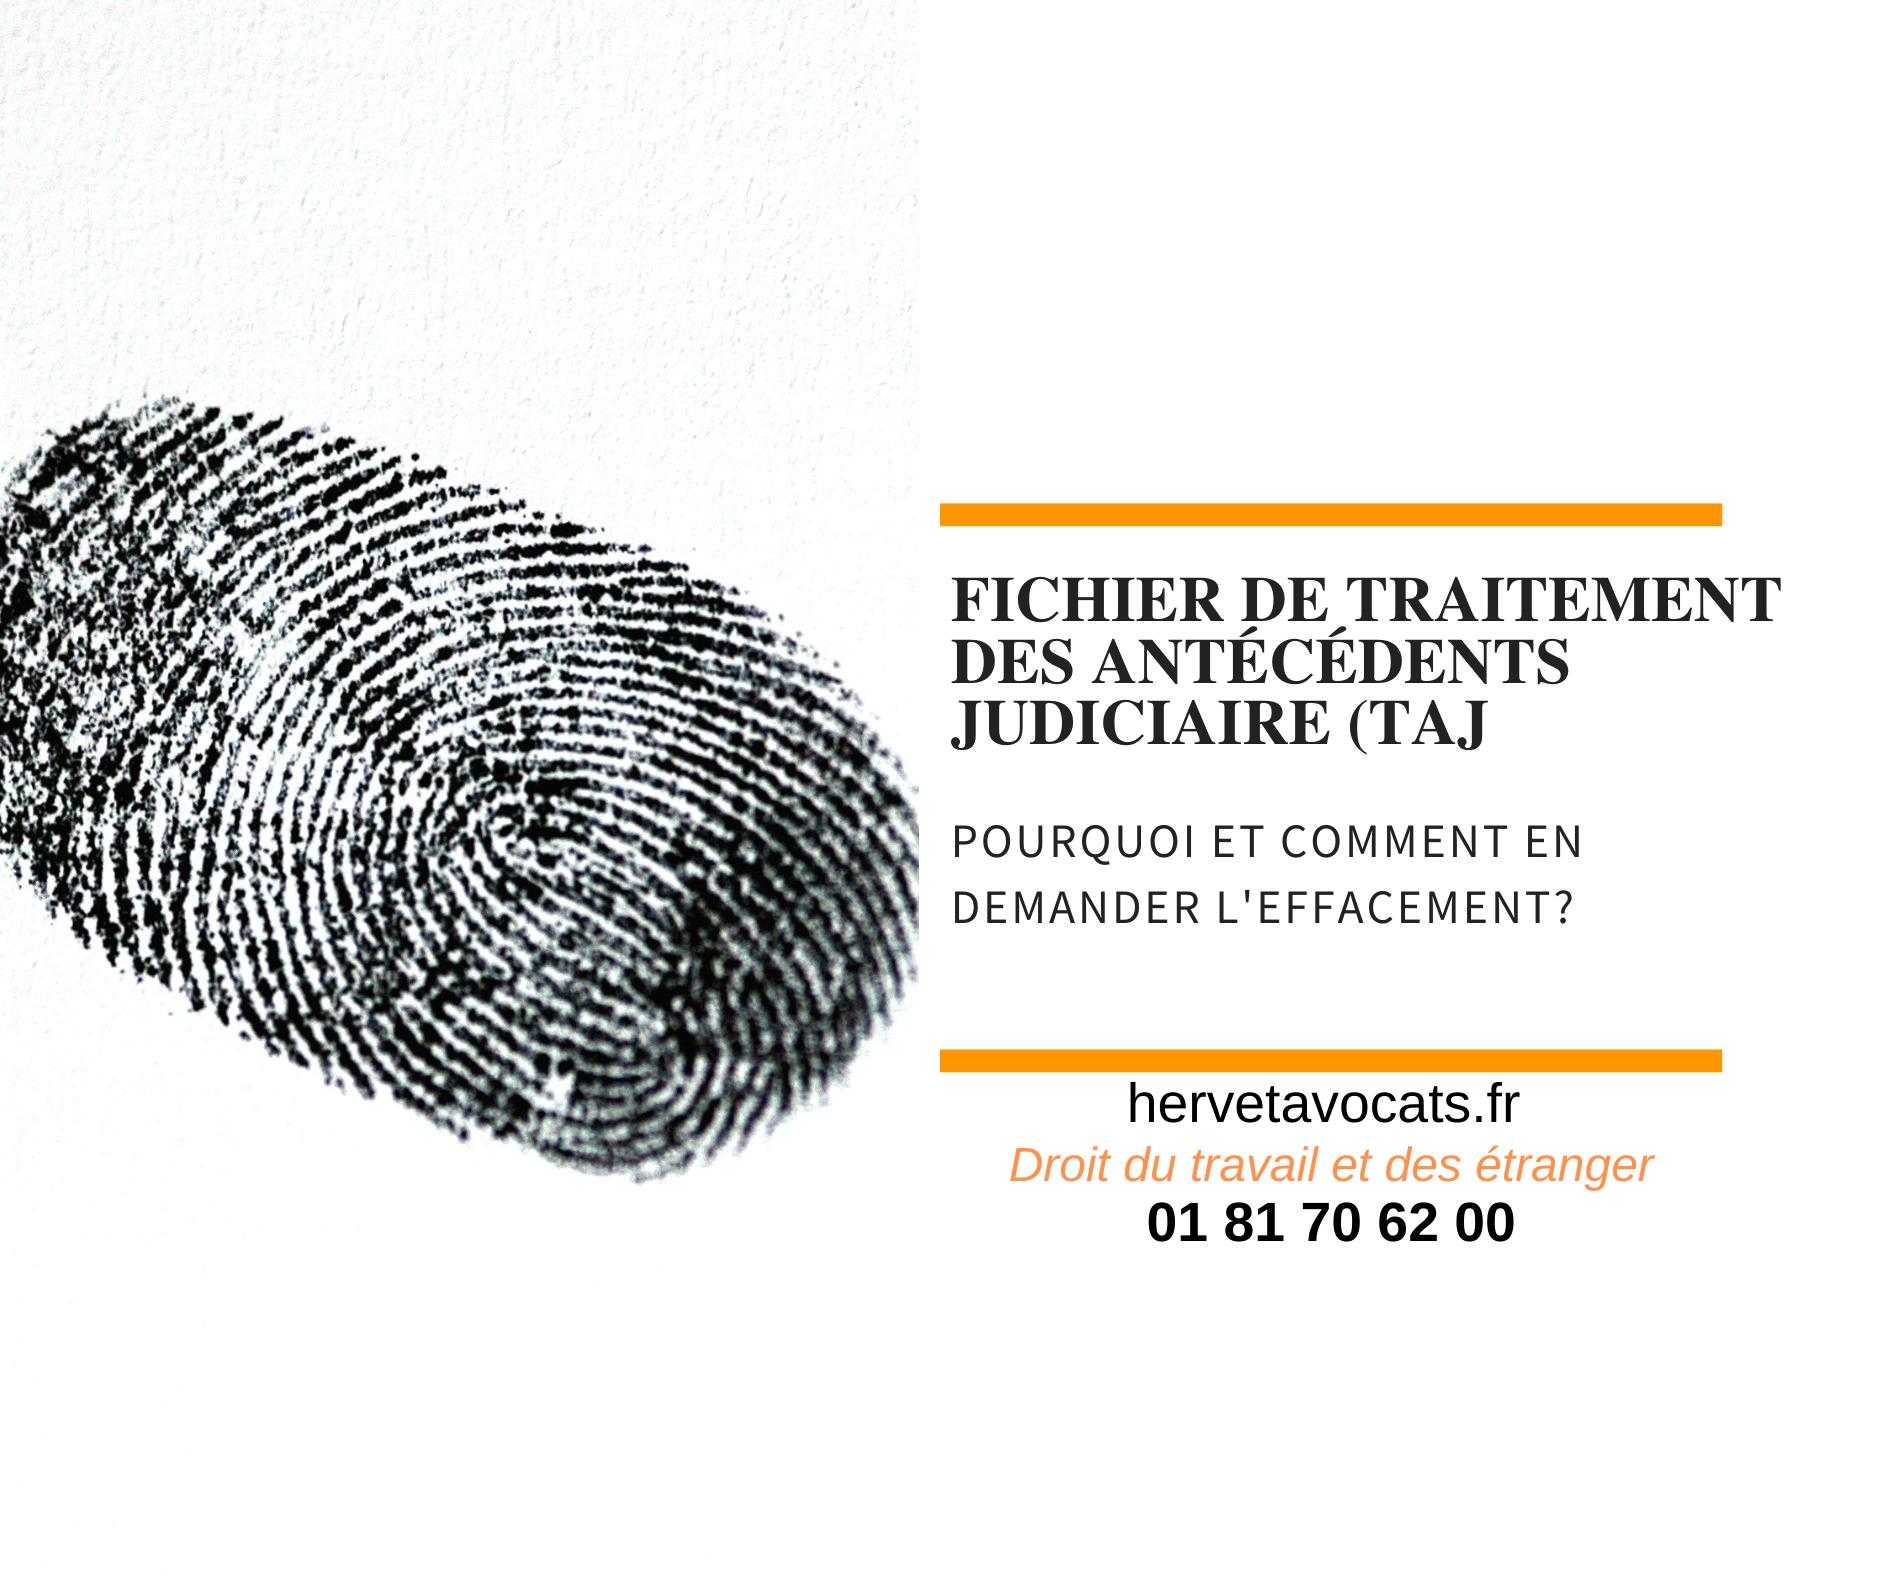 Pourquoi et comment demander l'effacement du fichier de traitement des antécédents judiciaires (TAJ) ?